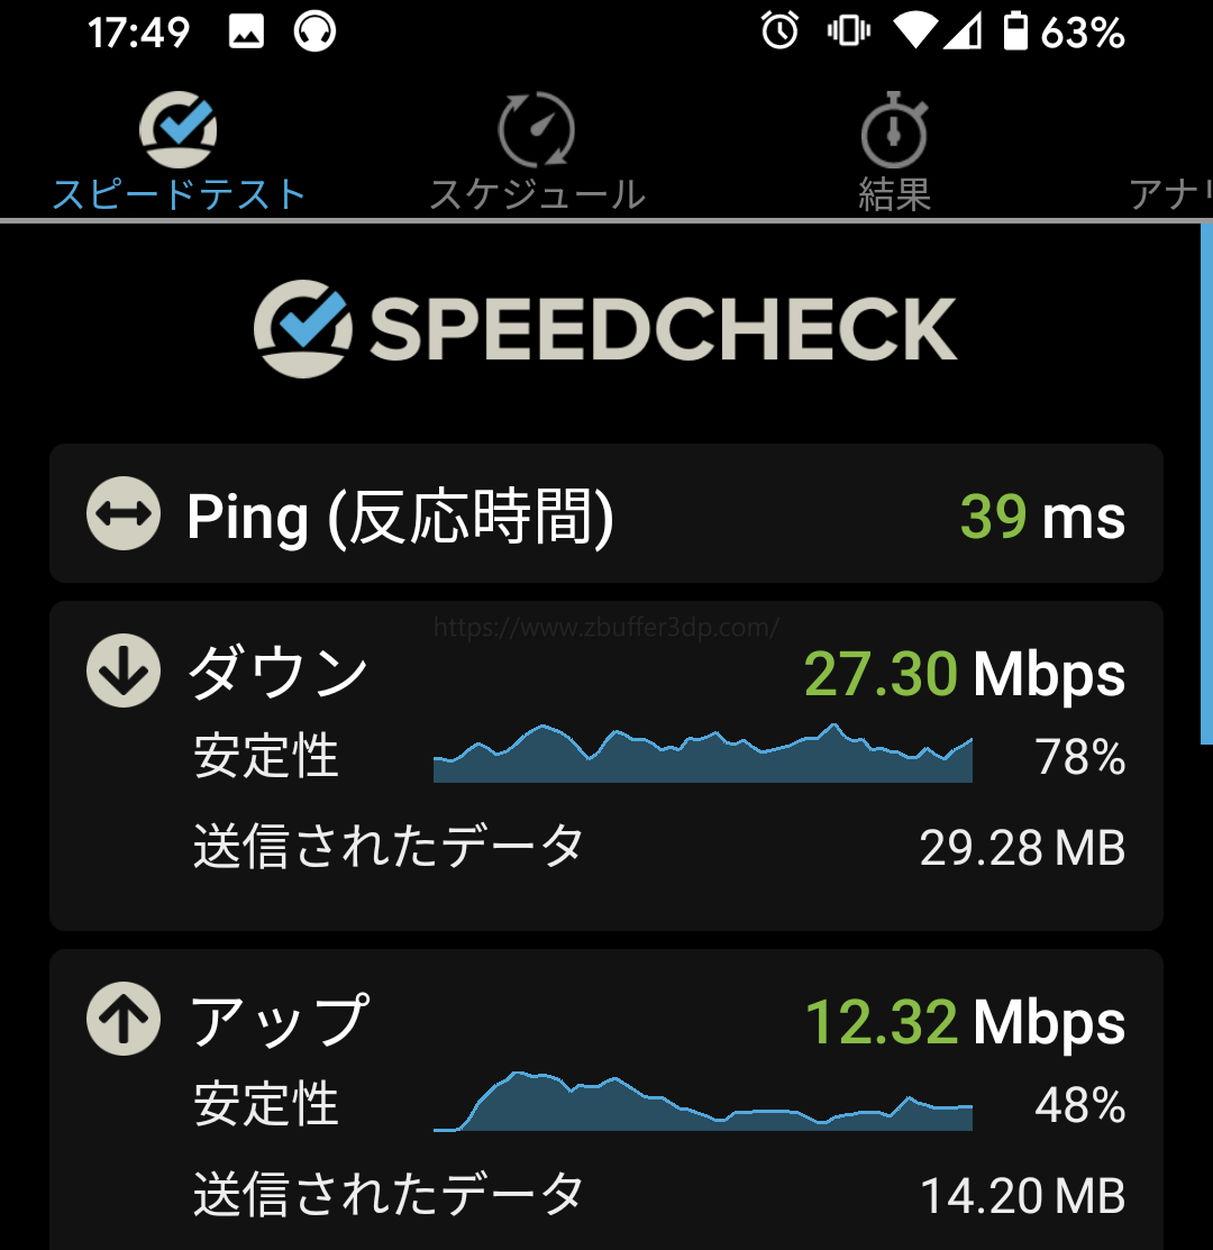 クラウドWi-Fi(東京)の回線速度